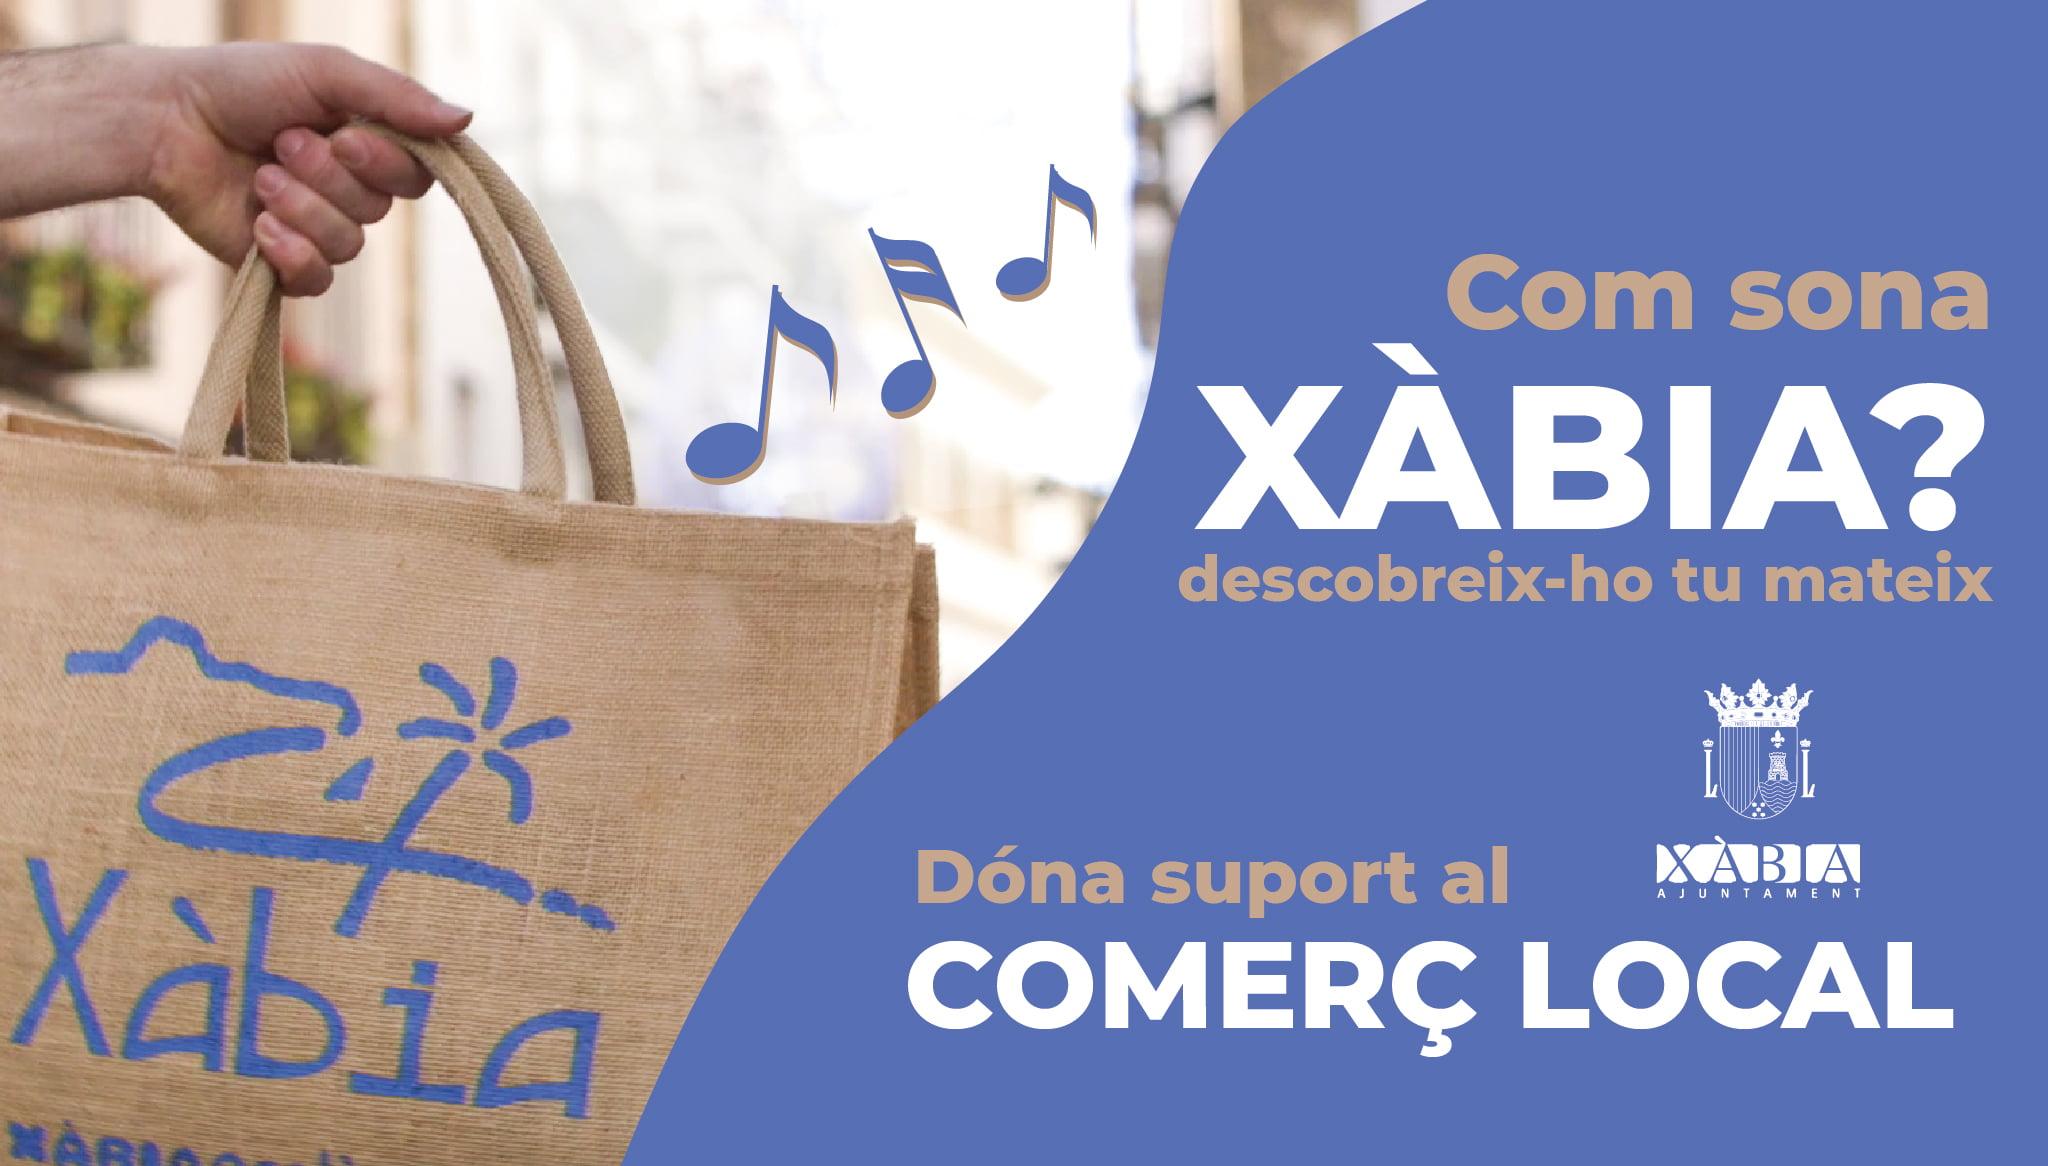 com-sona-xabia-promocion-comercio-local